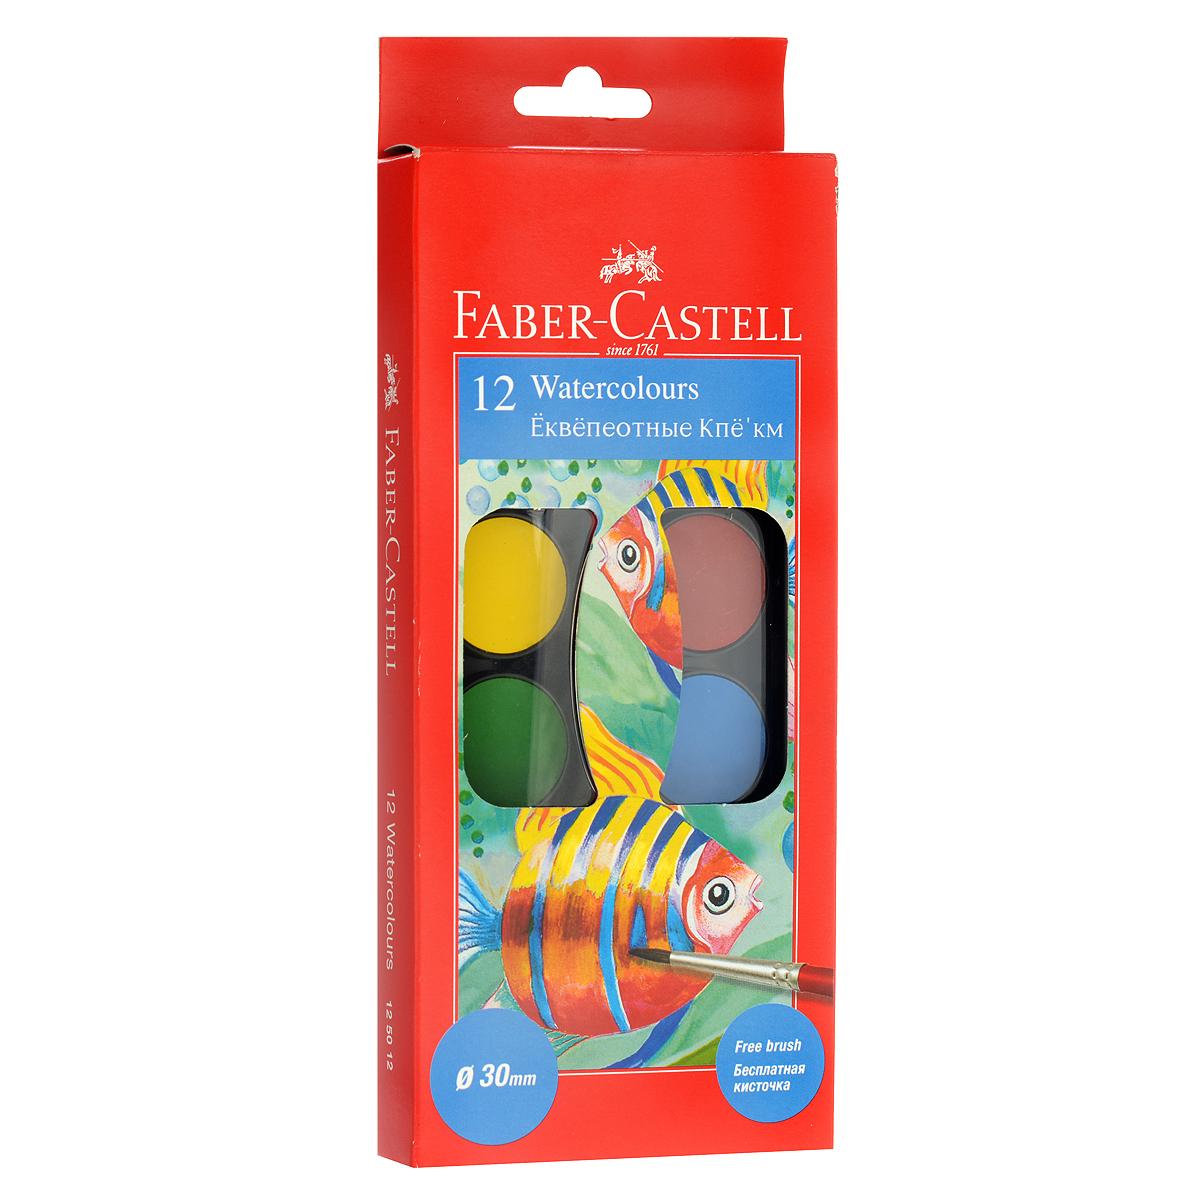 Акварельные краски Faber-Castell, с кисточкой, 12 шт8С 396-08Акварельные краски Faber-Castell - это живые и яркие цвета с прекрасной покрывающей способностью, богатая цветовая палитра при смешивании красок, прекрасный результат нанесения на бумагу и другие поверхности.Акварельные краски Faber-Castell - рисуйте в удовольствие!Кисточка в подарок!